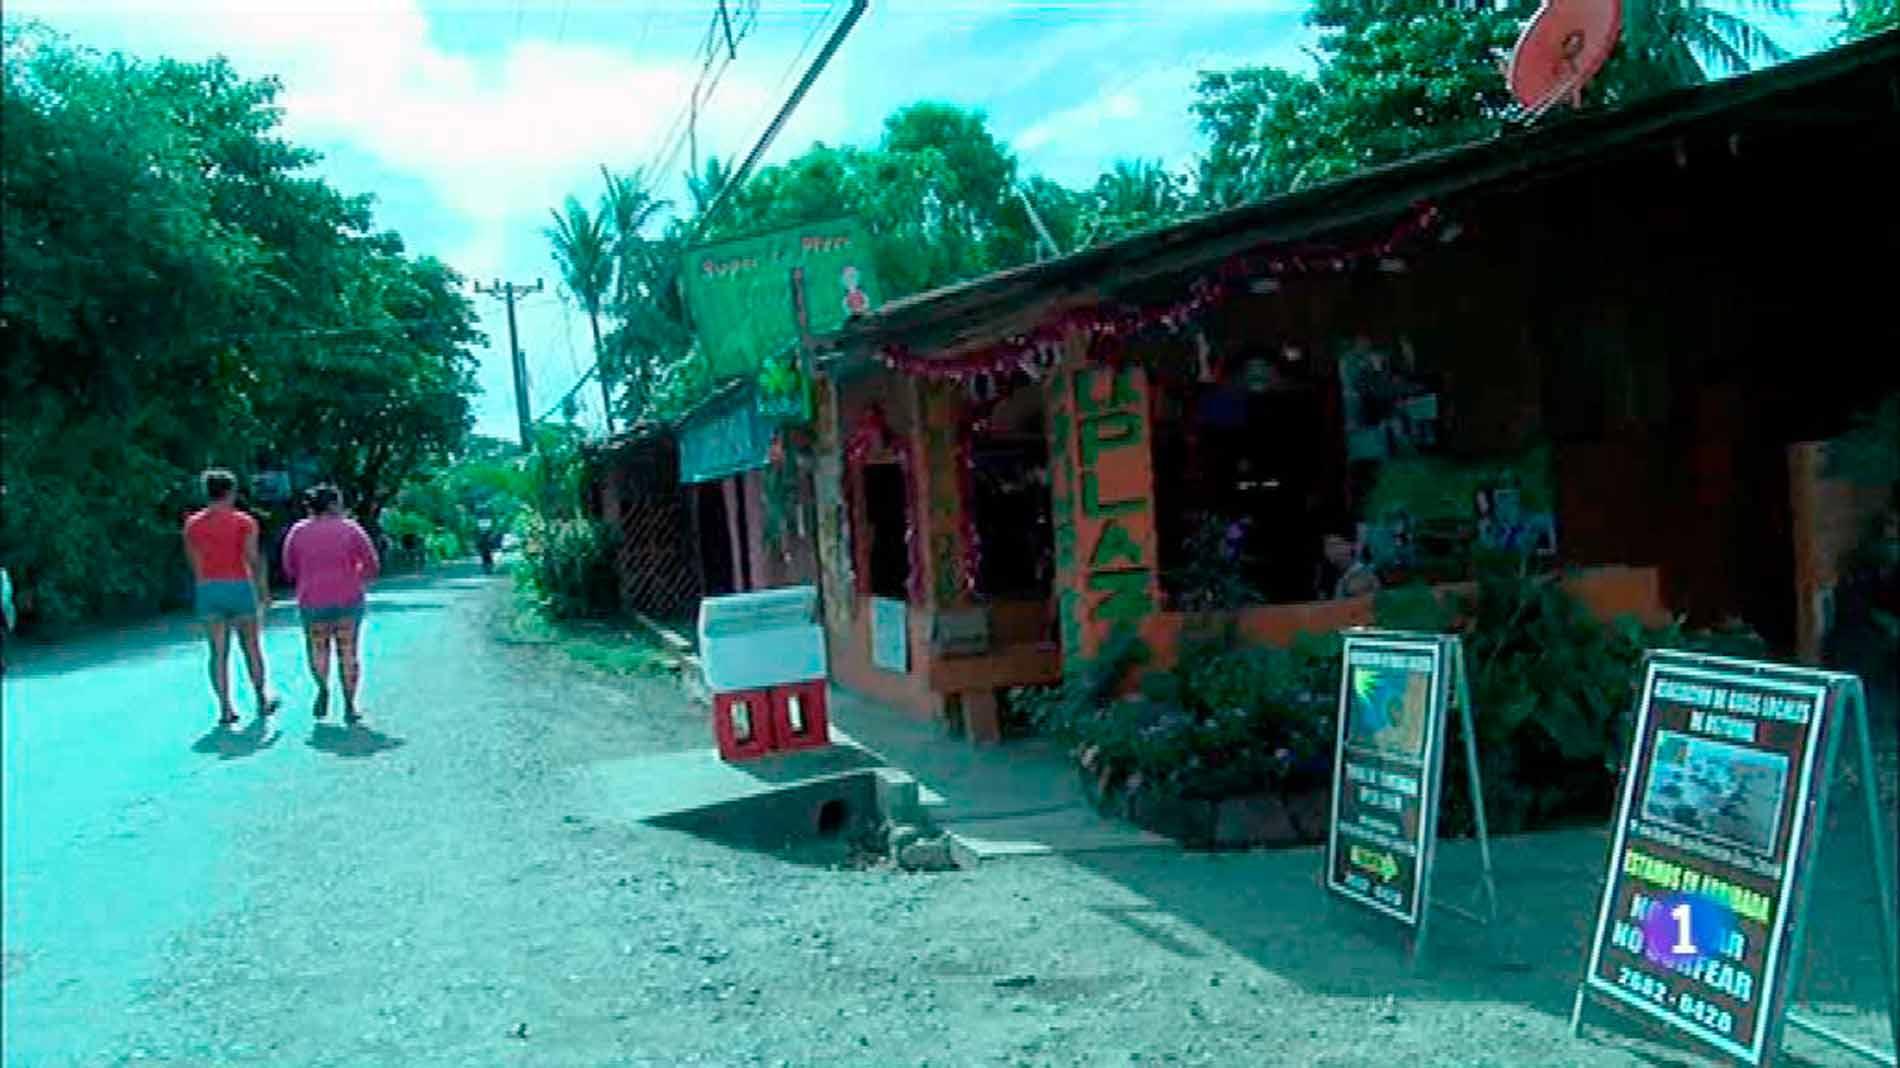 Nicaragüense asesinó a mujer española en Costa Rica, según las pruebas de ADN